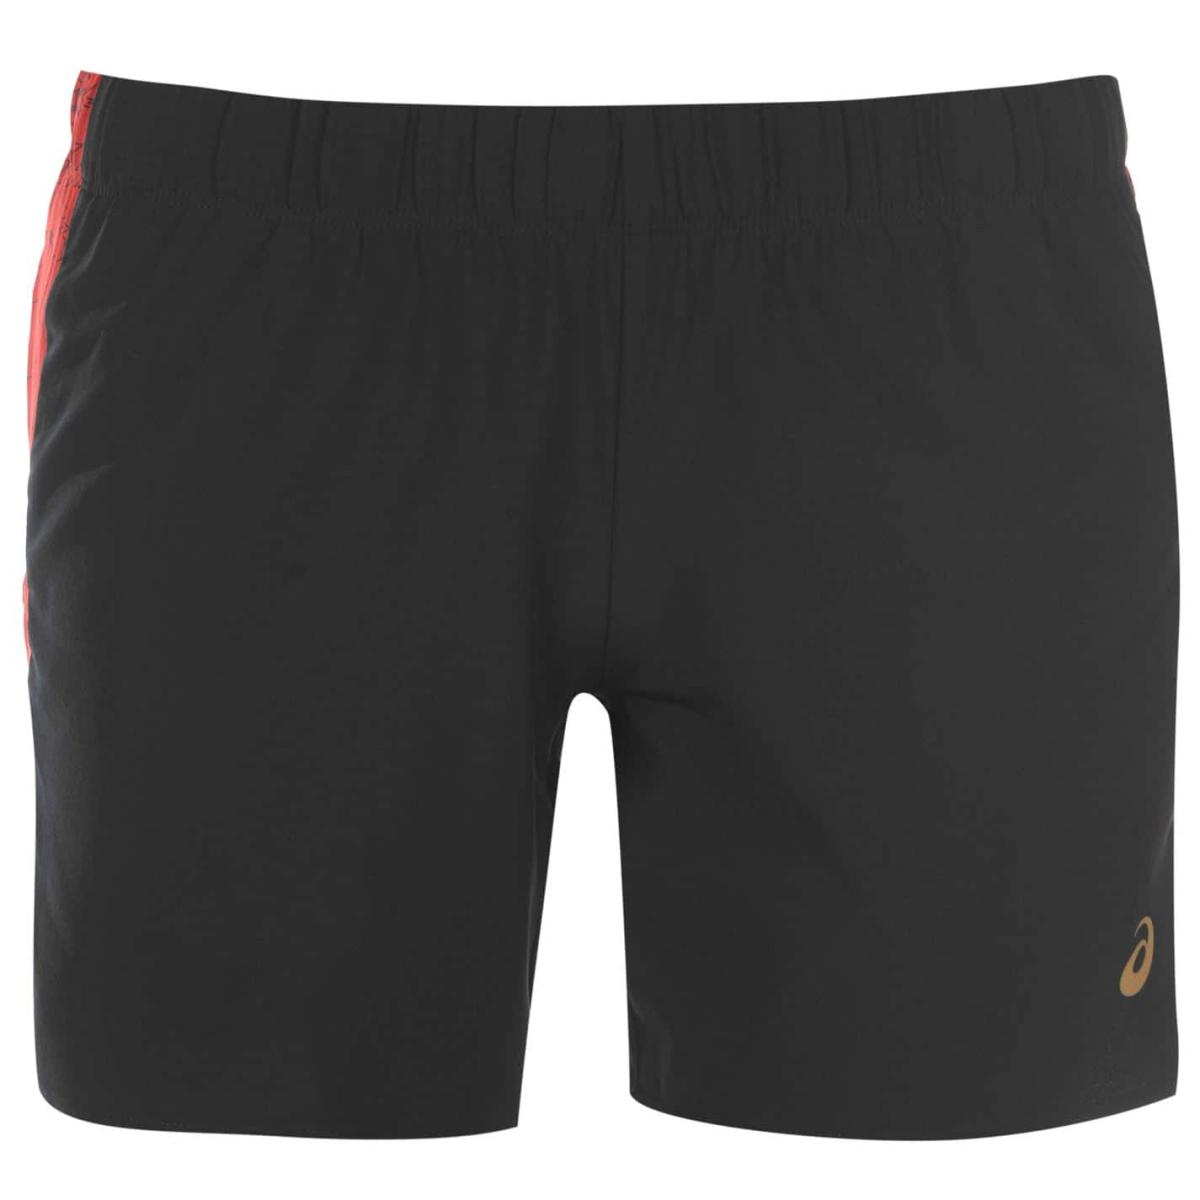 Asics 5.5 In Kurzhose Shorts Damen Schwarz_Rot